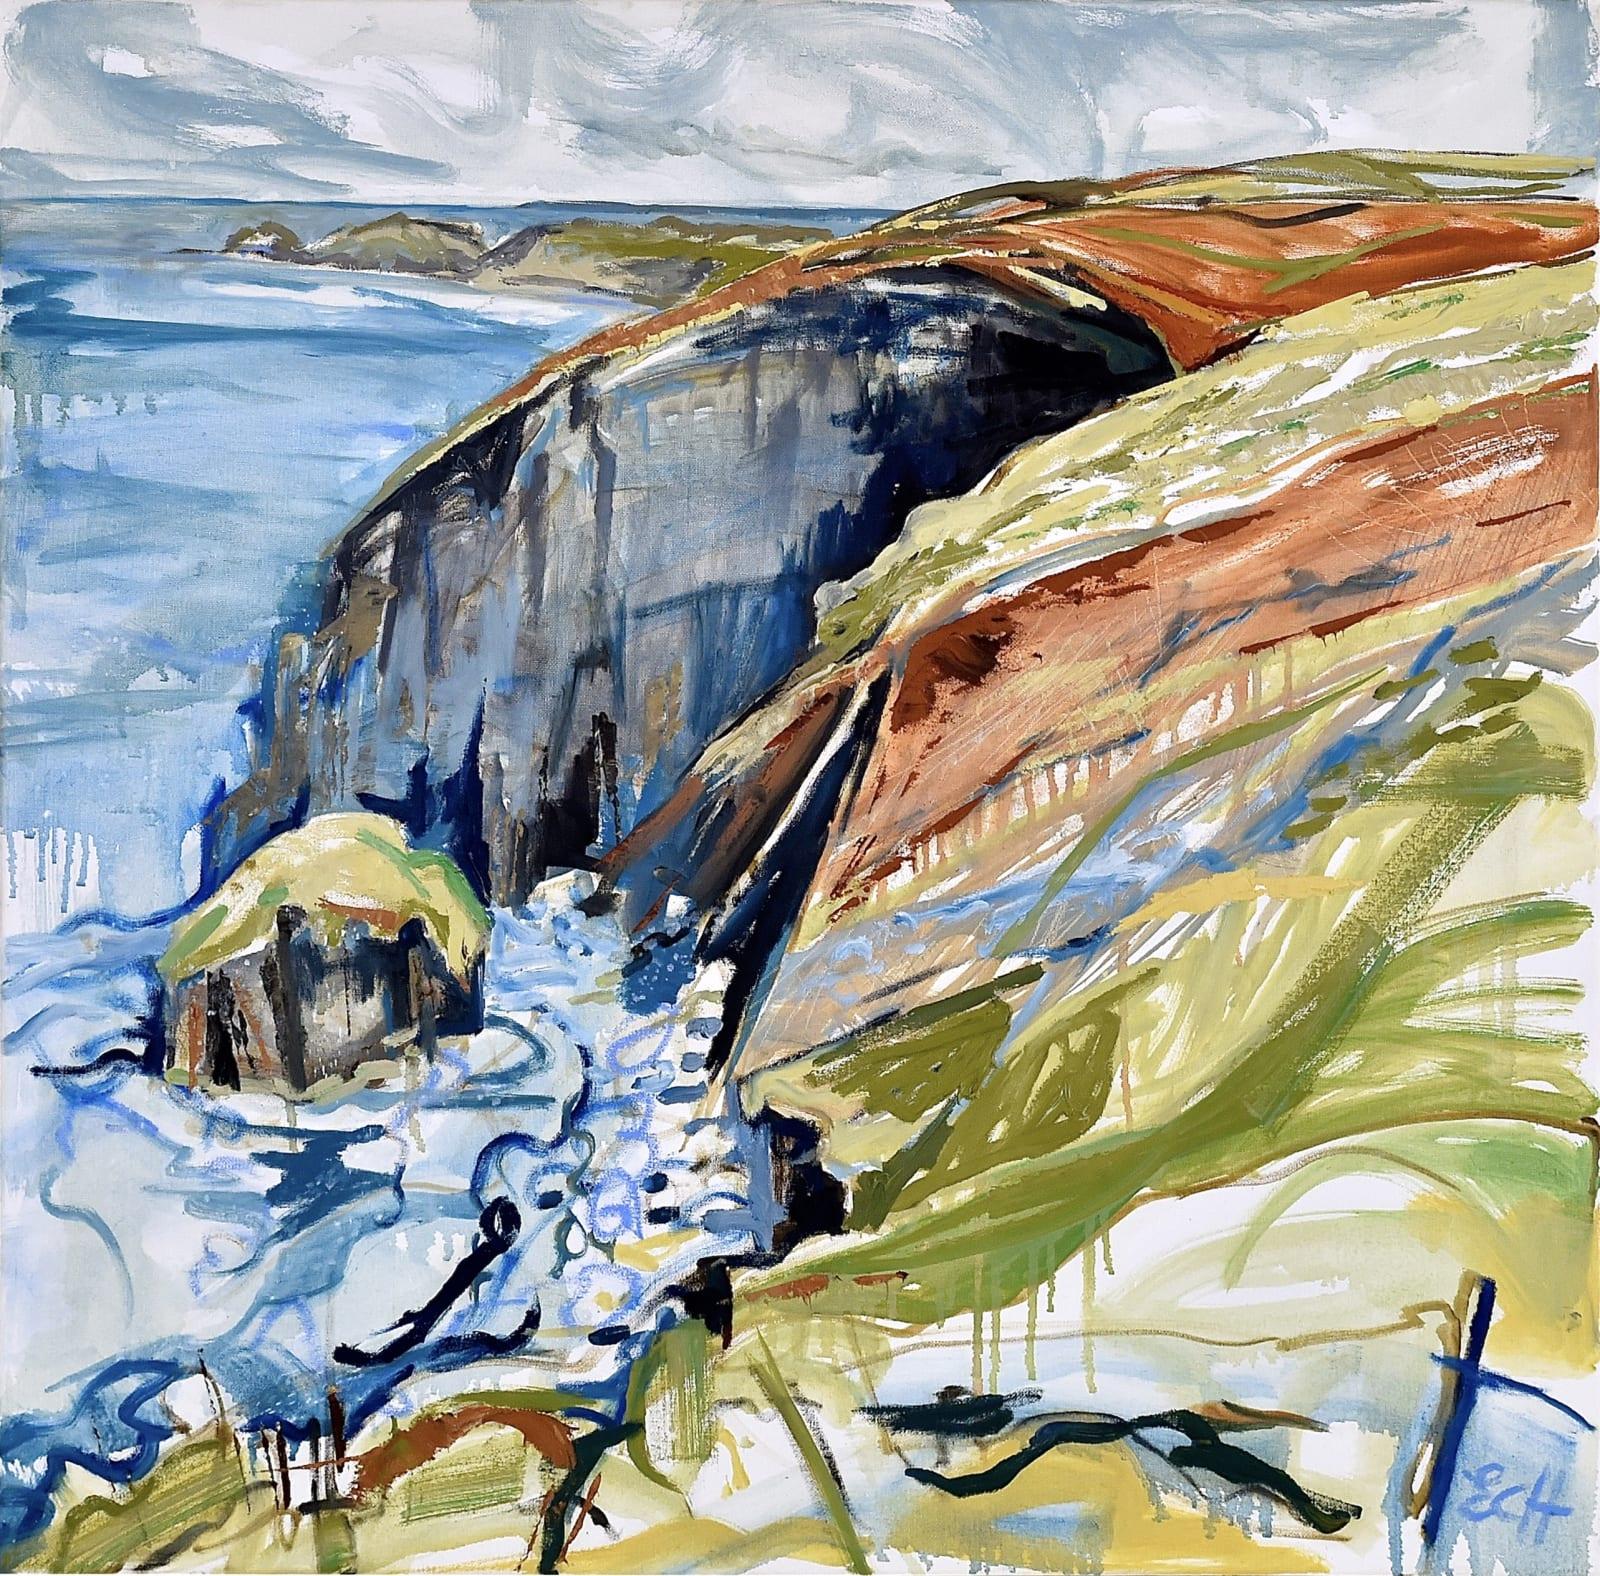 Emma Haggas, Cliffs at Beeny, North Cornwall